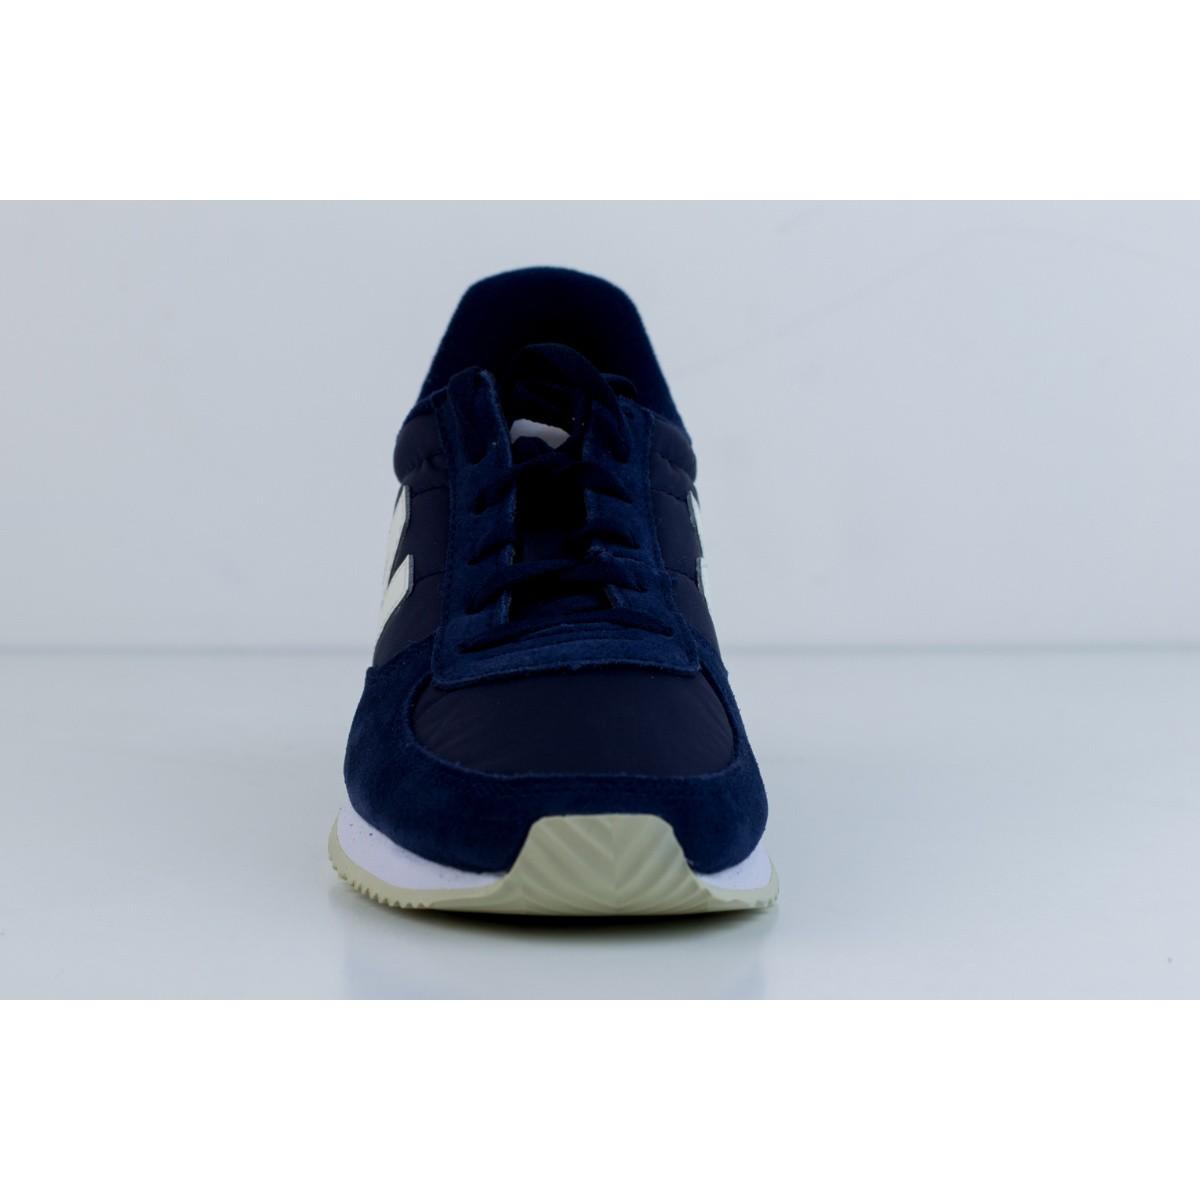 New balance wl220 rn zapatilla mujer azul marino Compre barato Obtenga Auténtico Confiable barato en línea H70fJHmKDc